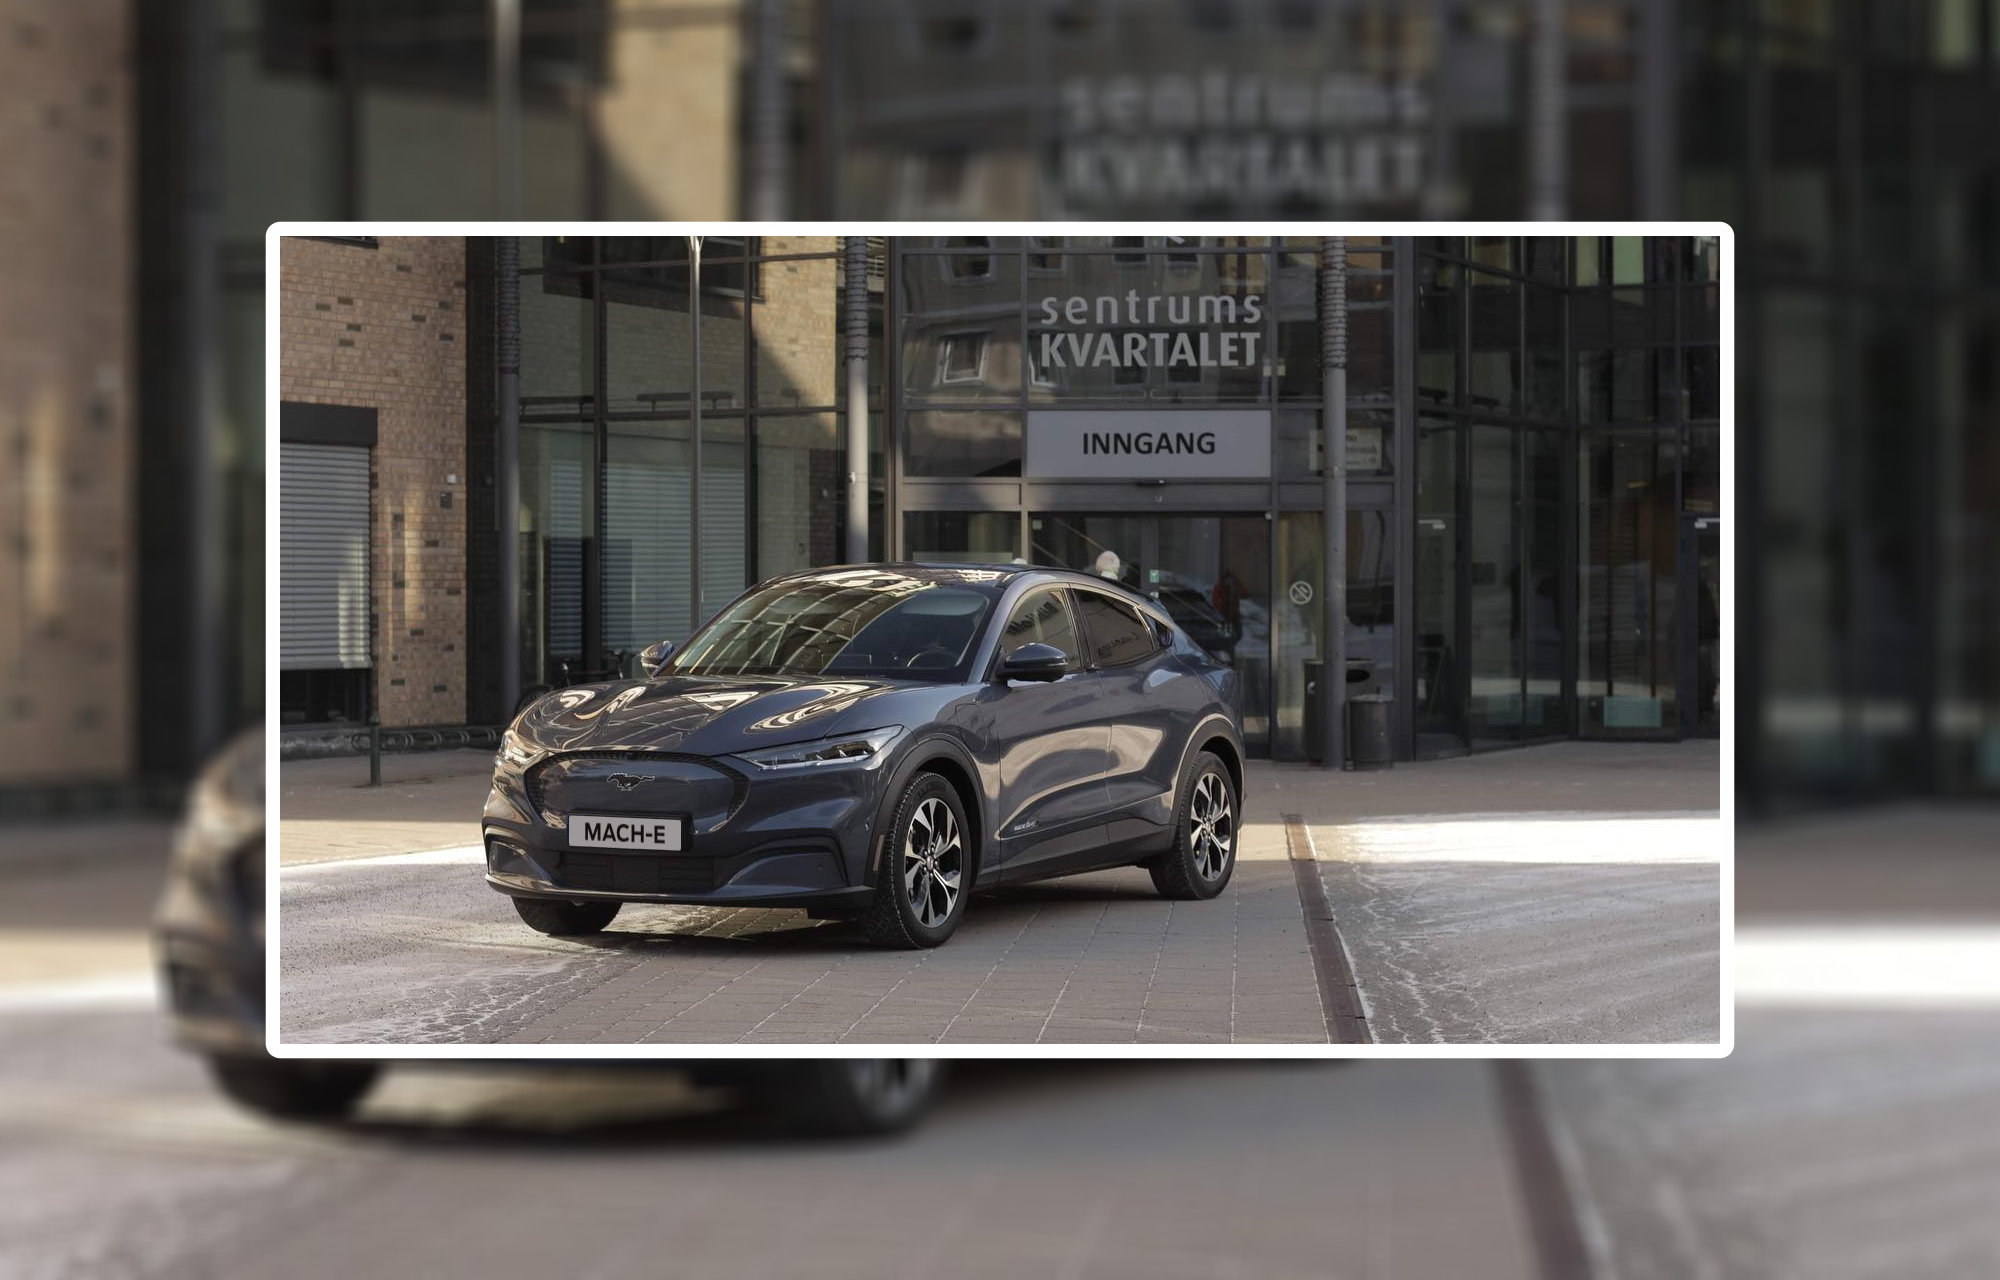 Nå kan du endelig oppfylle drømmen om en Ford Mustang!